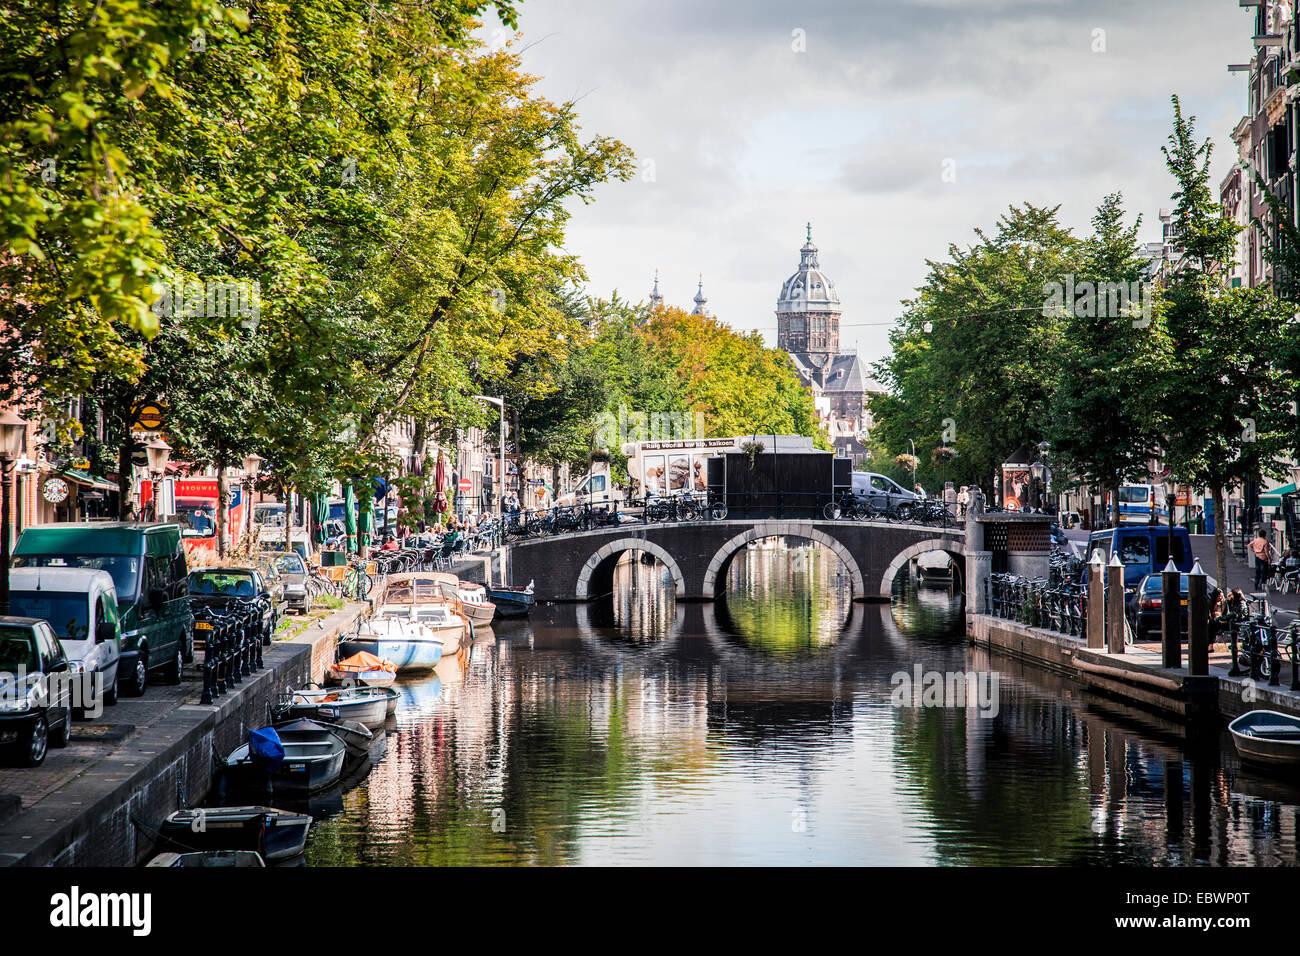 canal in jordaan district  jordaan  amsterdam  province of